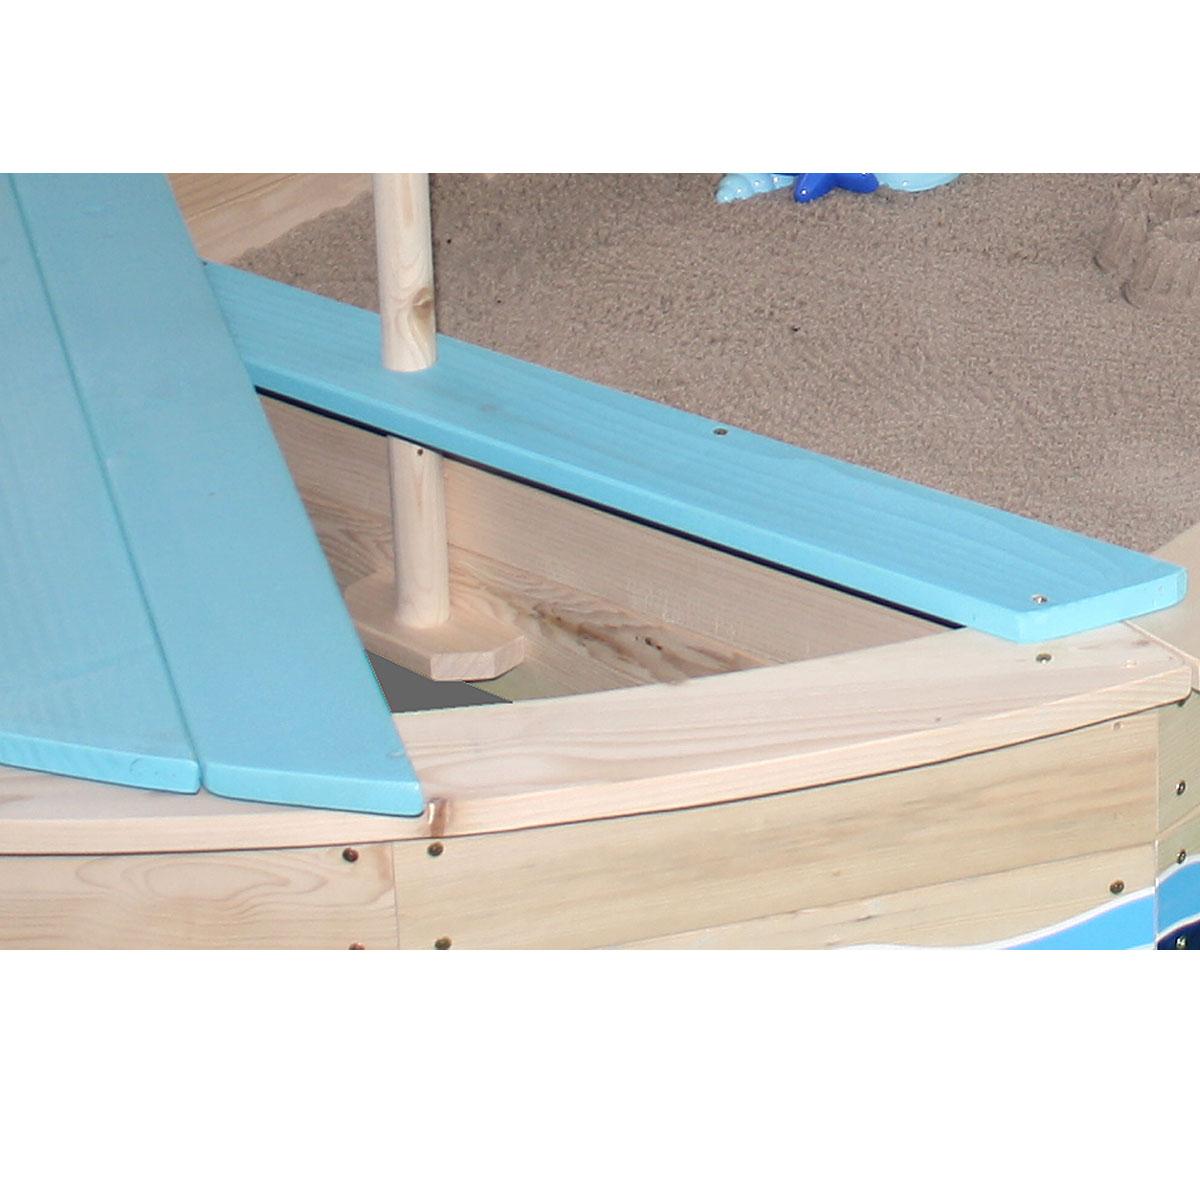 sun sandkasten sternen schiff aus holz 06017 pirum. Black Bedroom Furniture Sets. Home Design Ideas